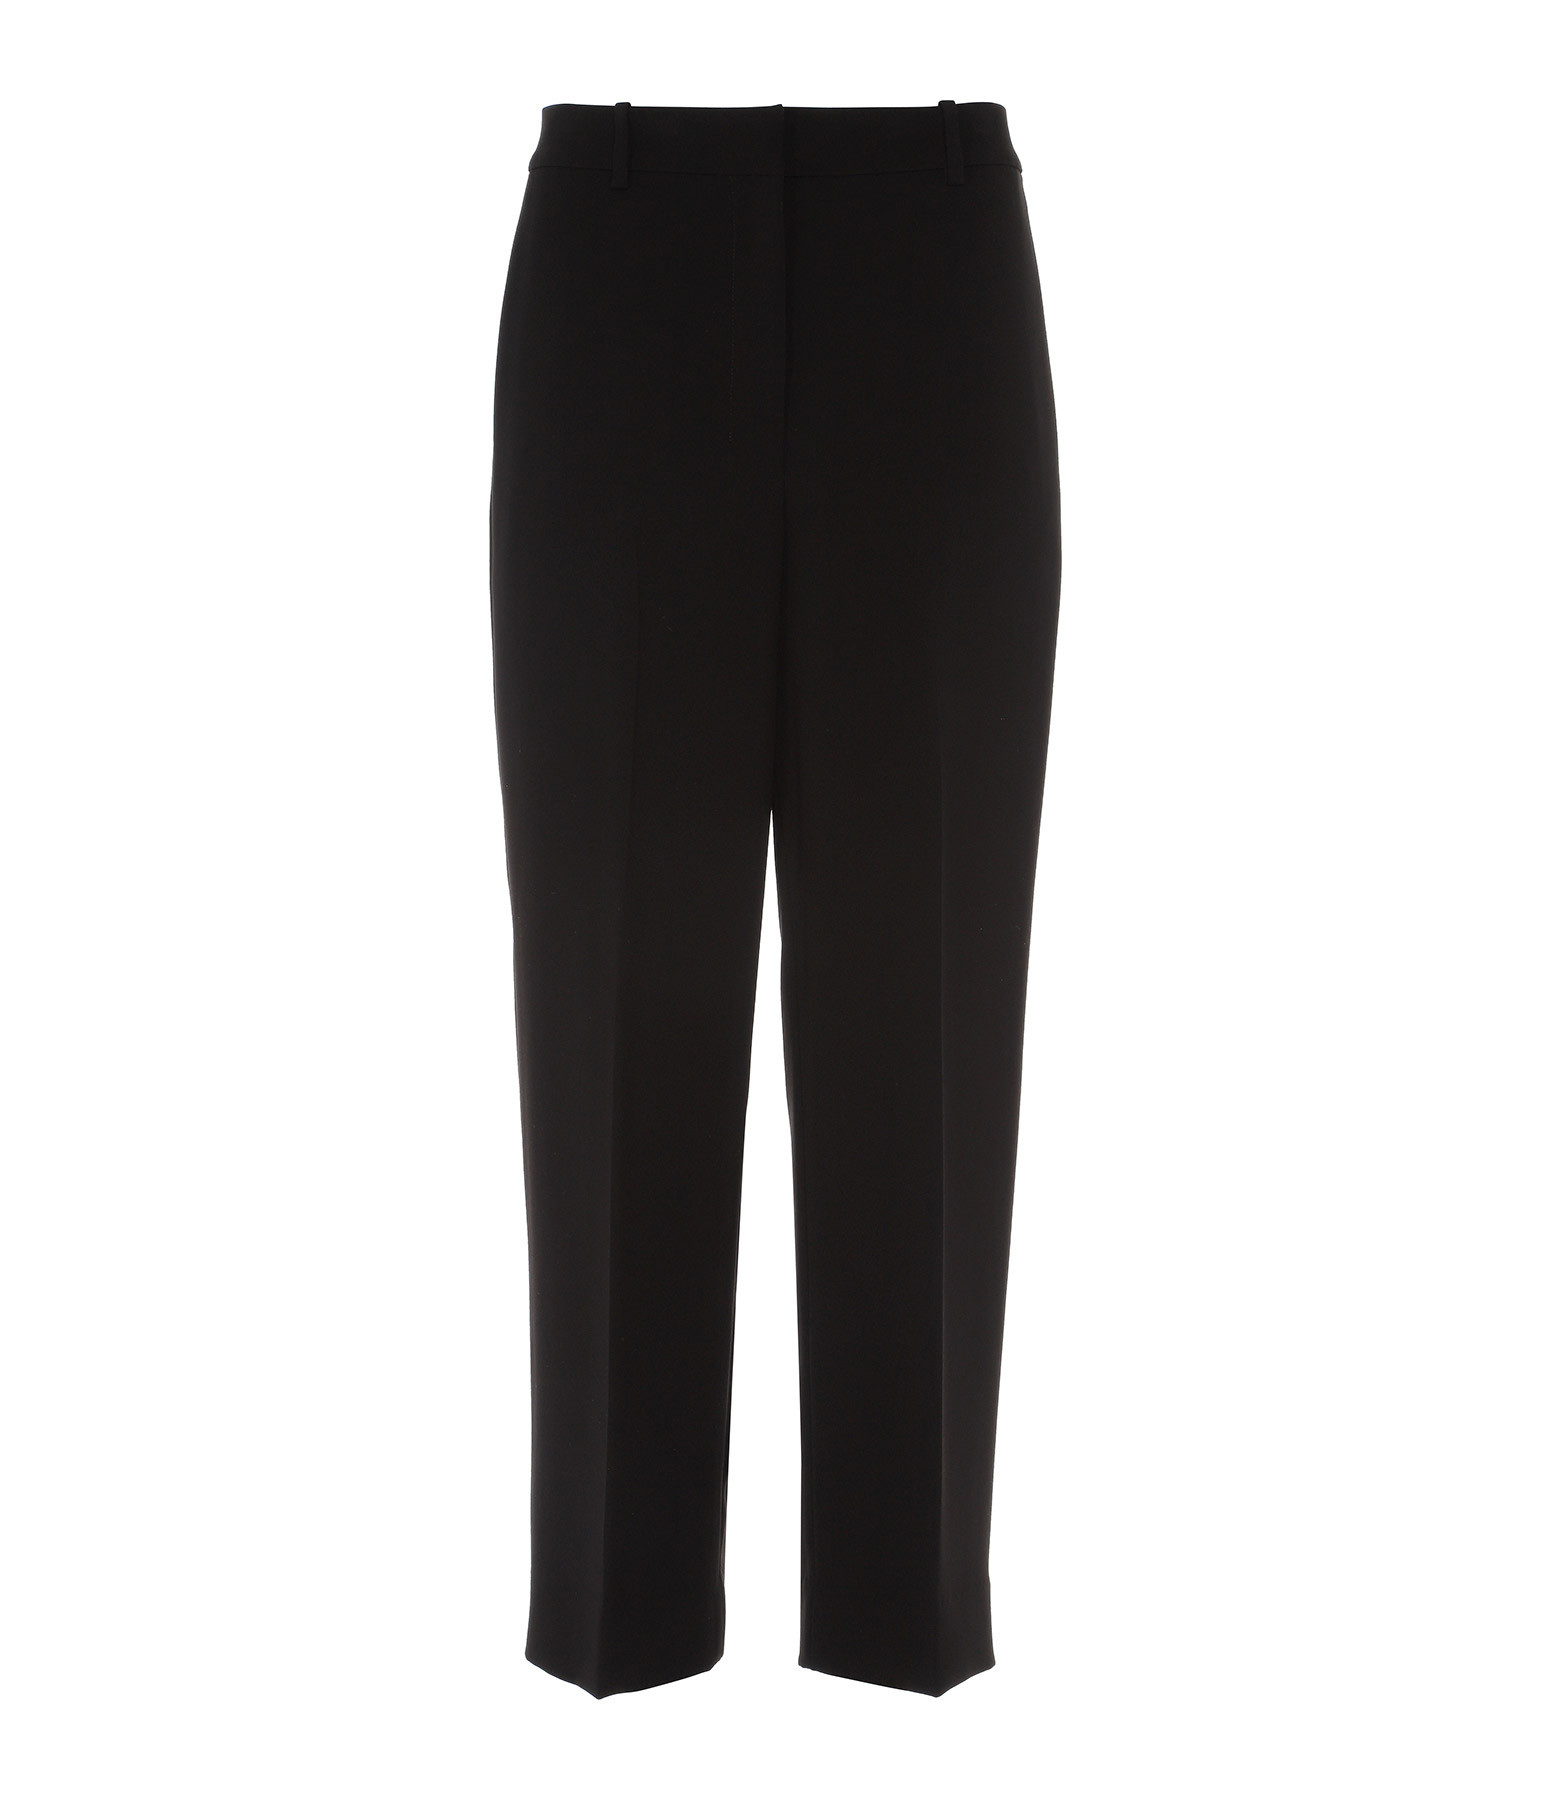 Haute Crèpe Noir Haute Noir Crèpe Pantalon Taille Taille Pantalon QrsCthd